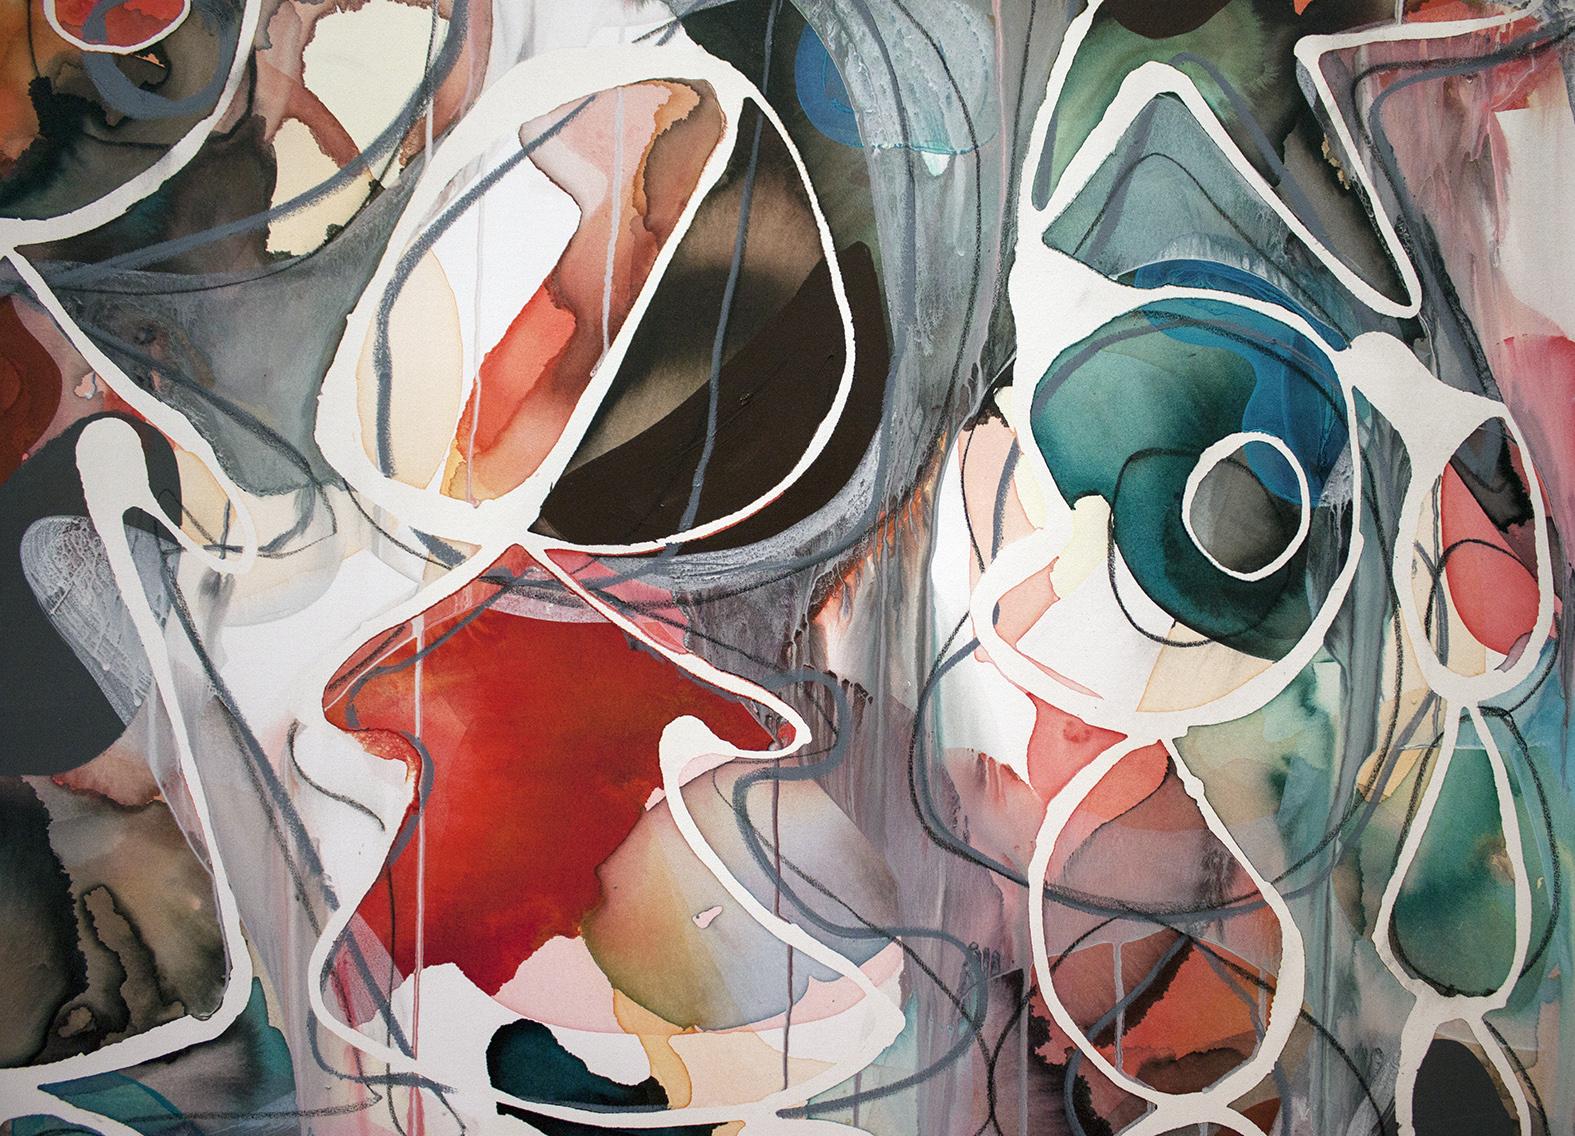 Lara Scolari - The Corner Store Gallery